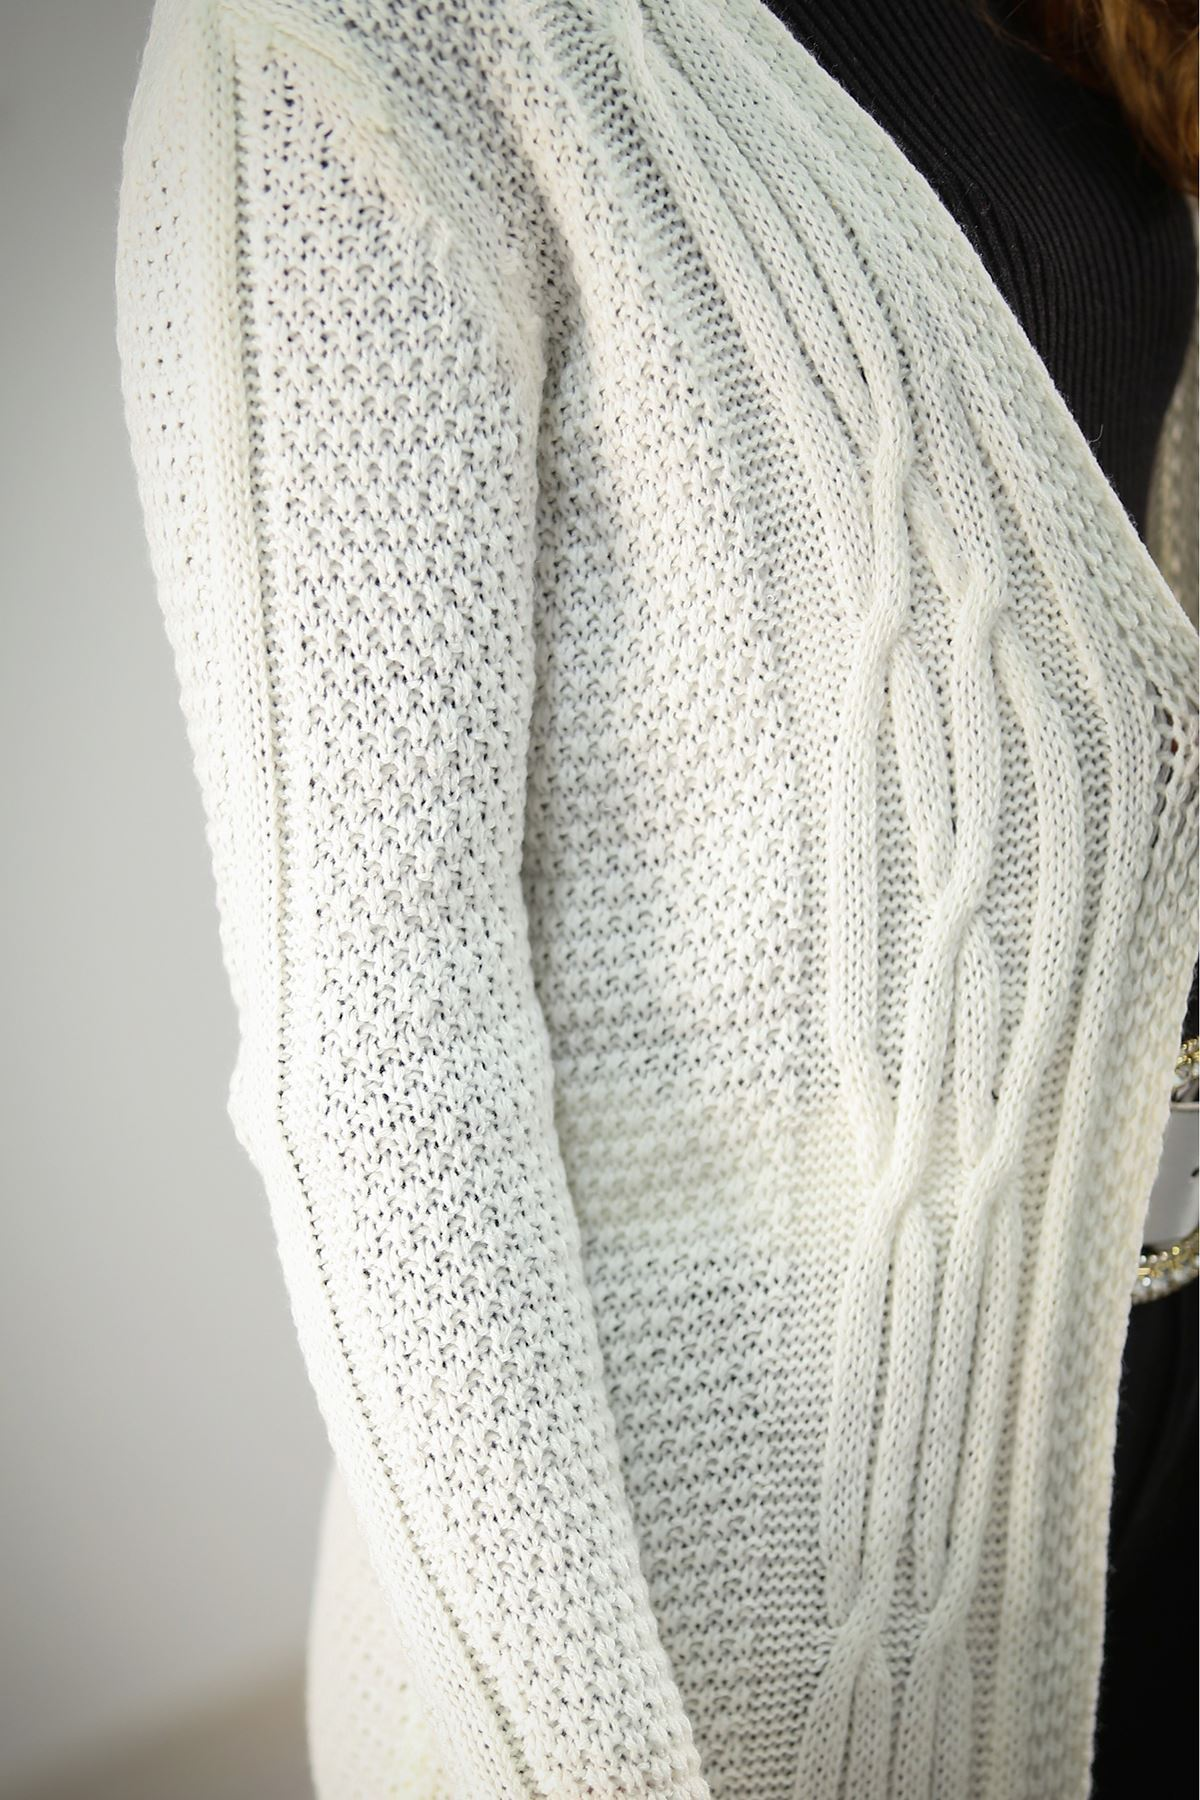 Saç Örgü Triko Beyaz - 4559.1062.